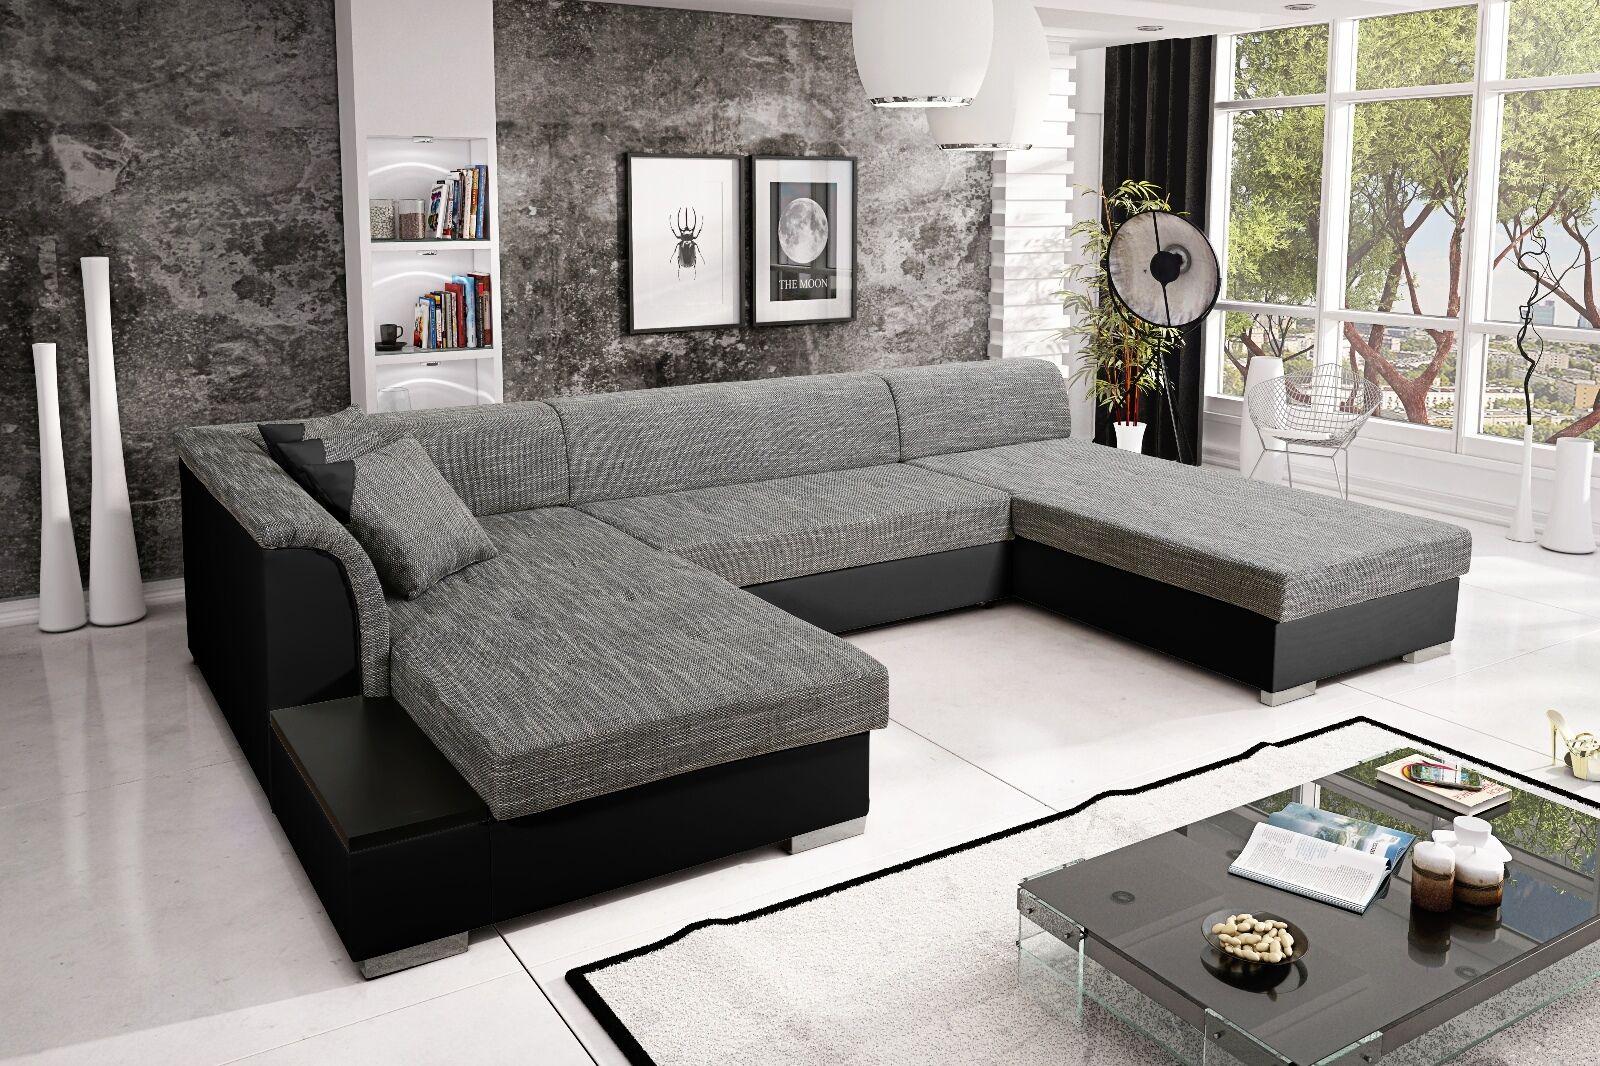 Sofa Couchgarnitur Couch Kreta 6 Polsterecke Wohnlandschaft Mit